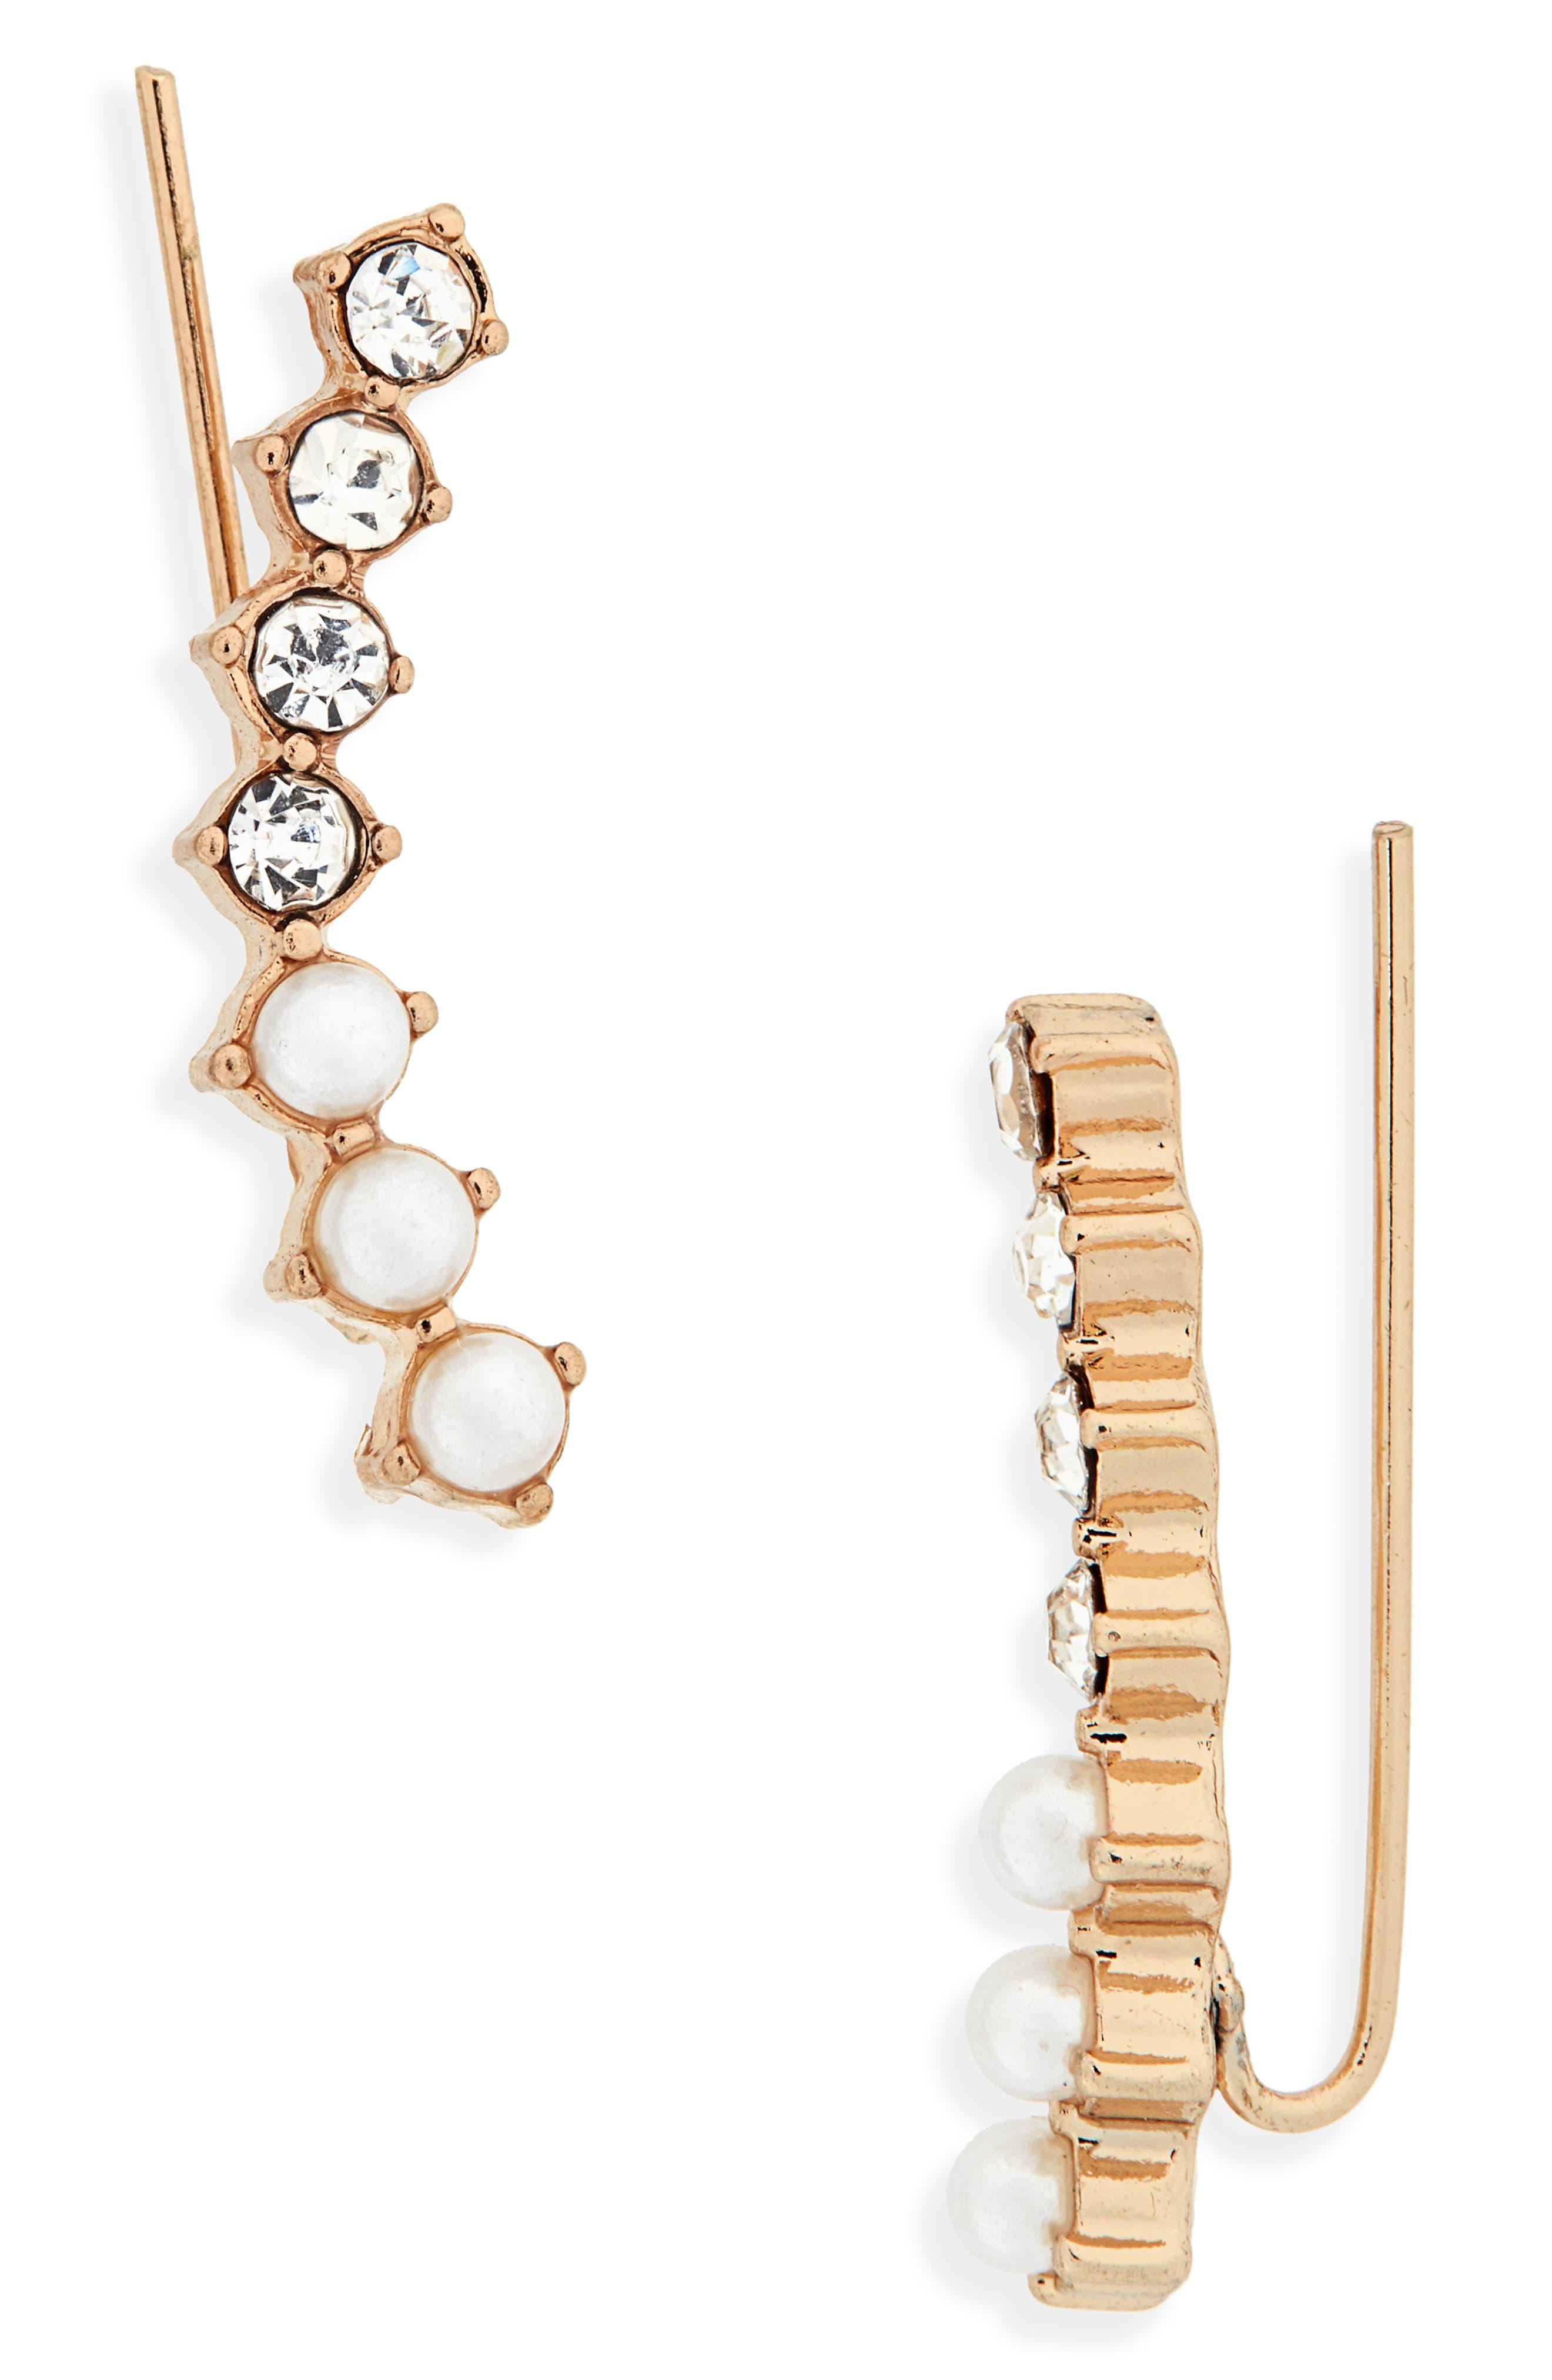 Rhinestone & Imitation Pearl Crawler Earrings,                             Main thumbnail 1, color,                             710